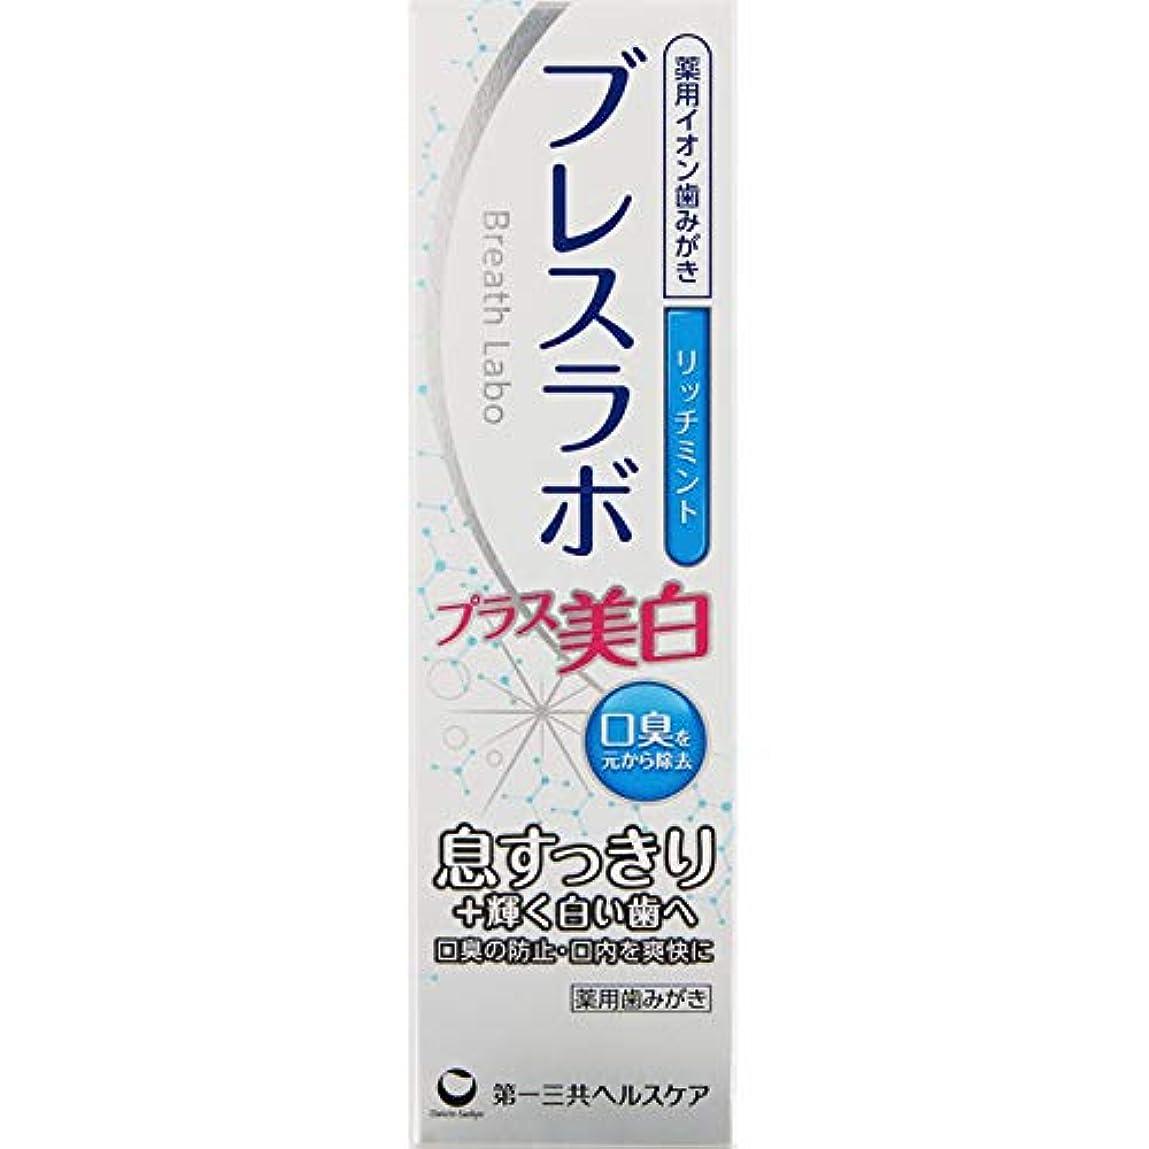 ブルジョンとても多くの急いで【2個セット】ブレスラボ プラス美白 リッチミント 90g